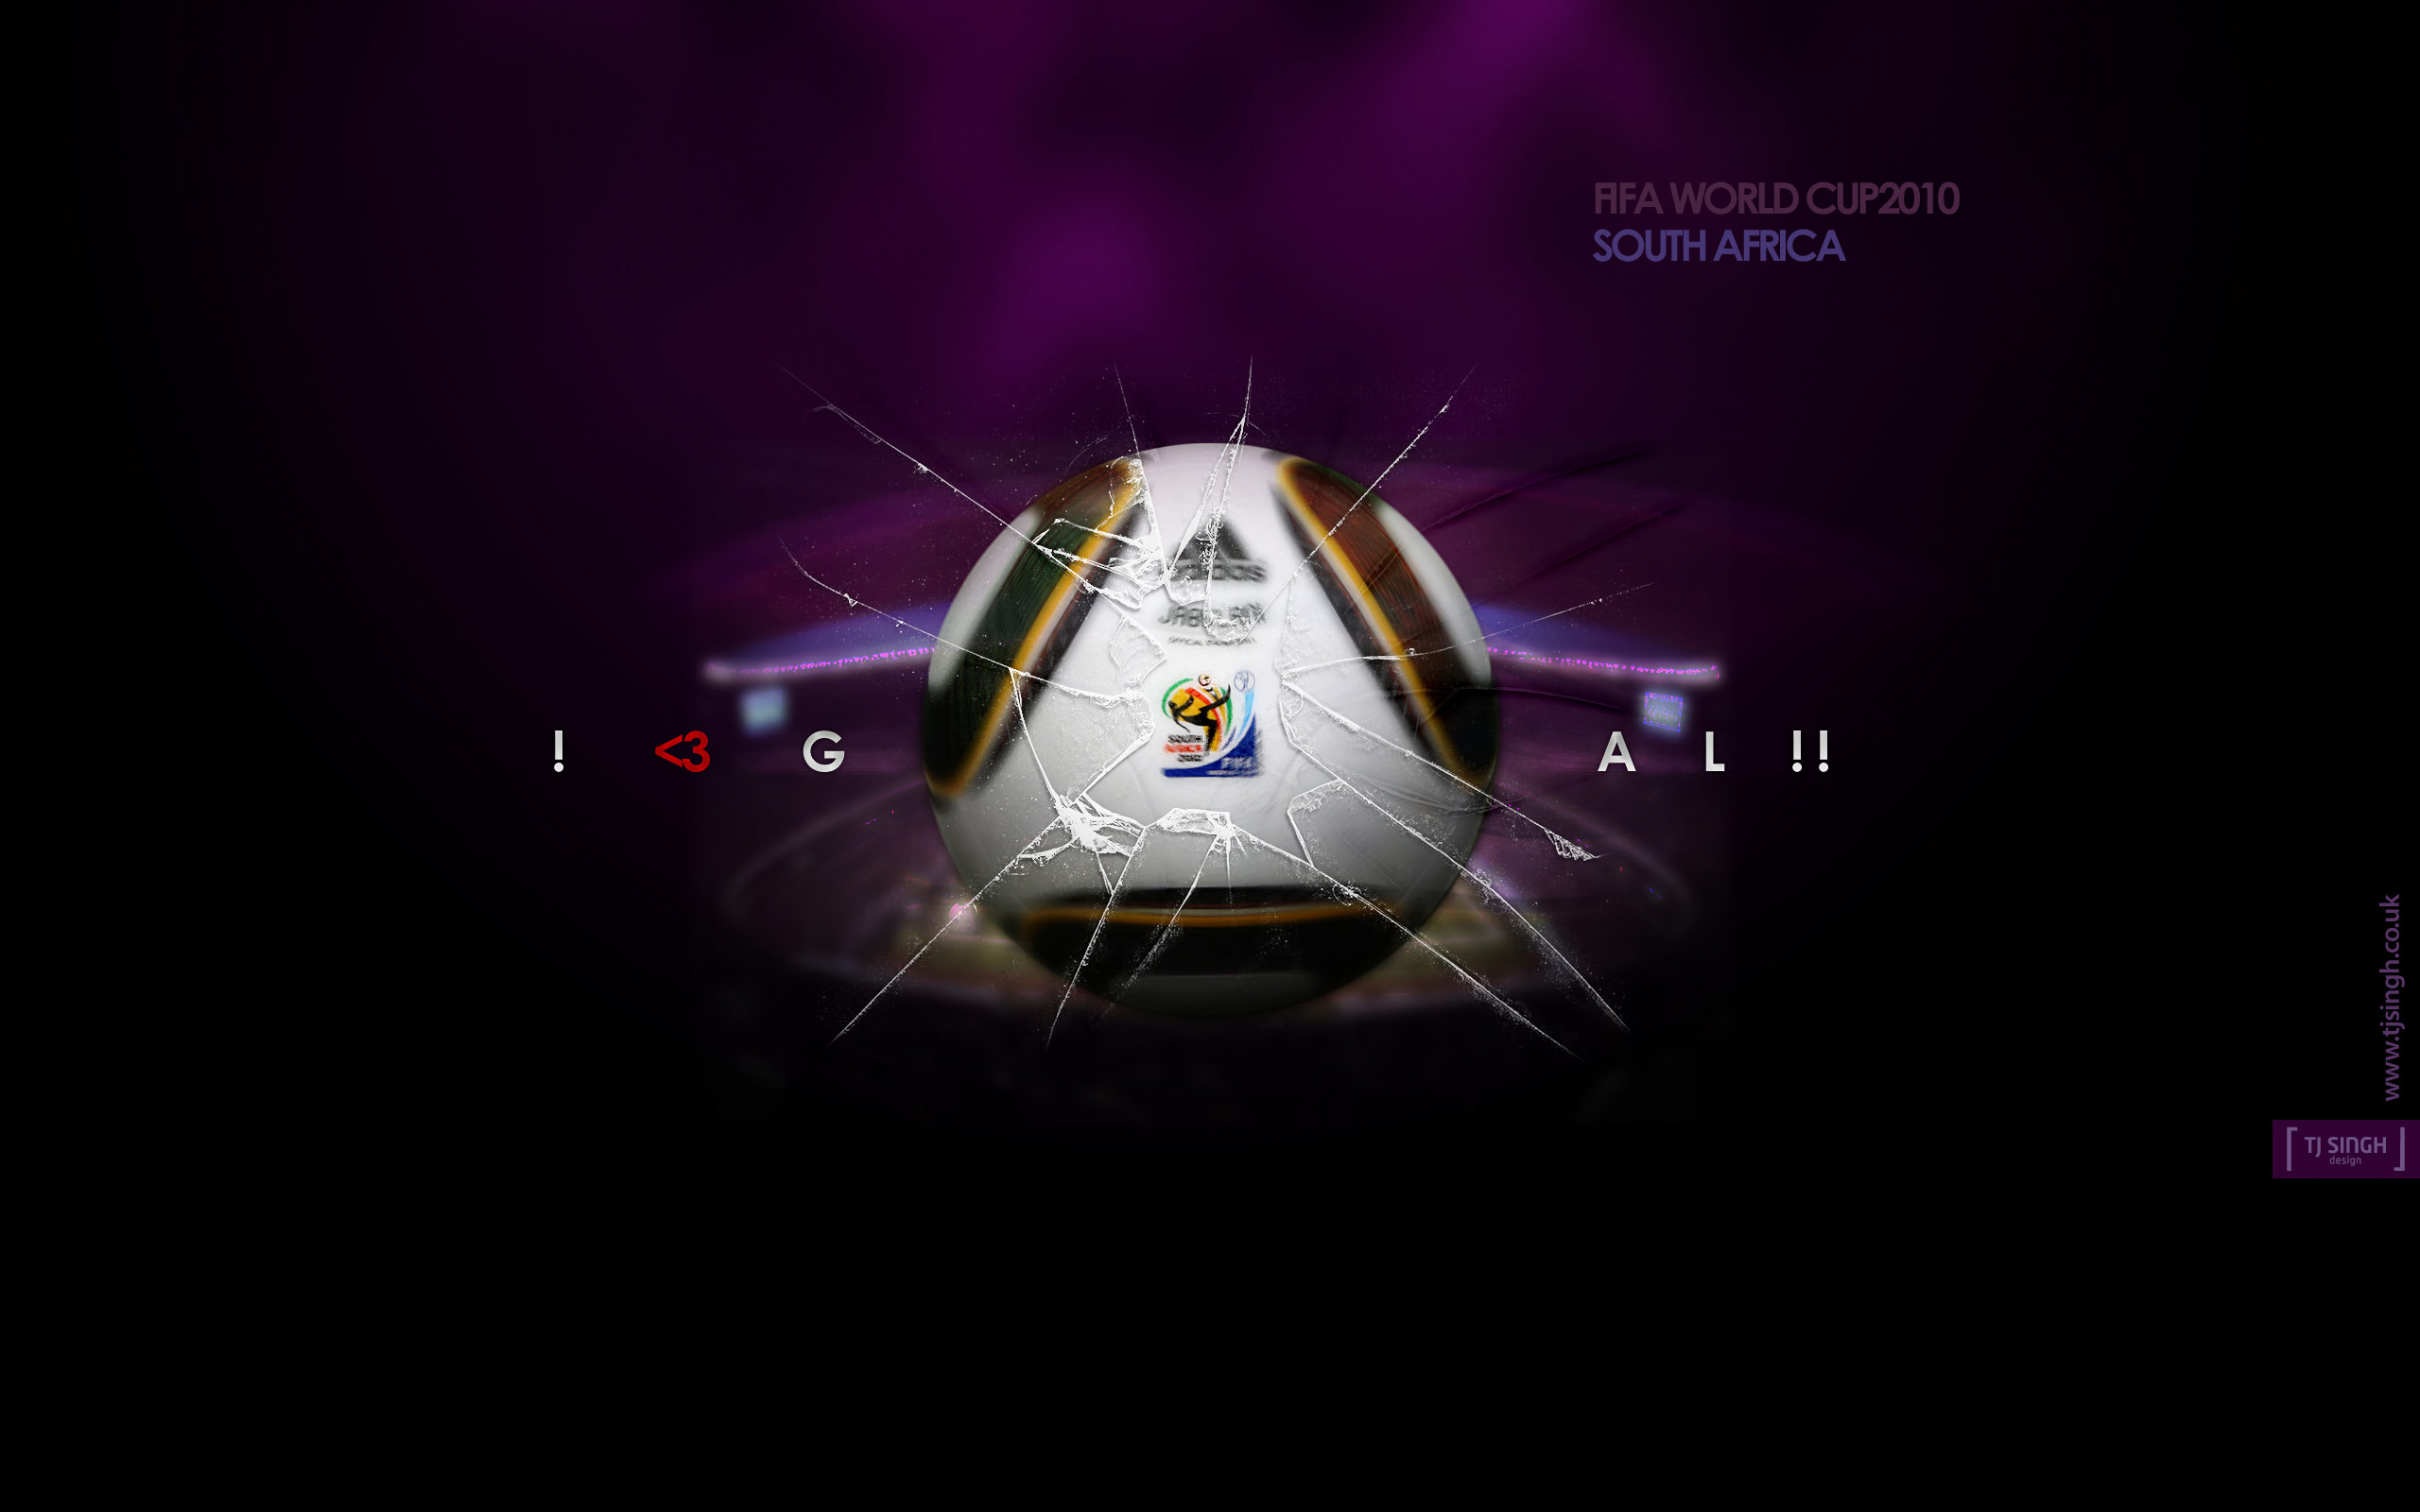 عکس توپ فوتبال جام جهانی 2010 - www.p30modern.net